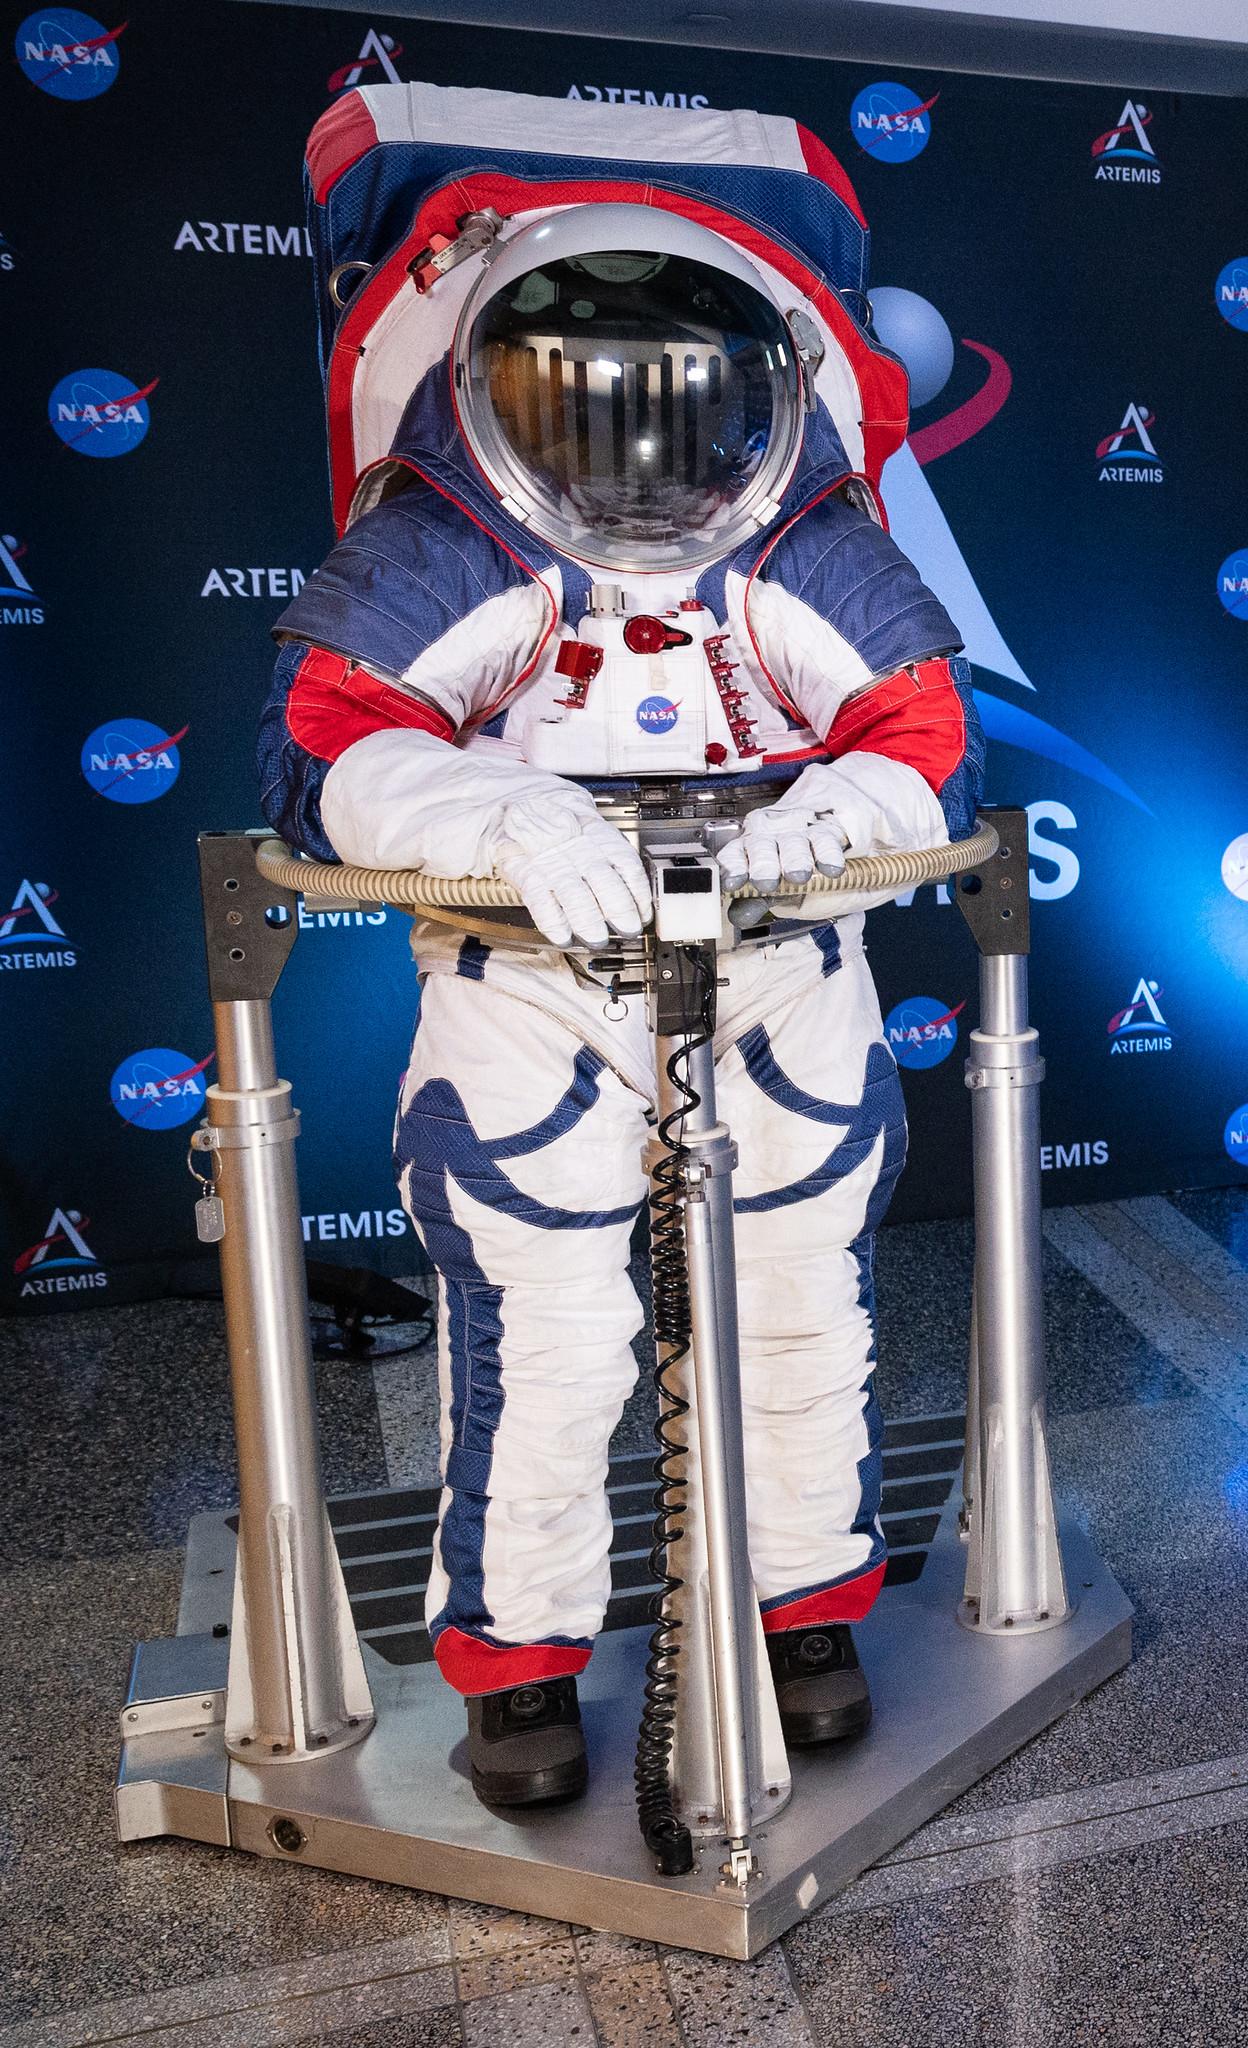 Le prototype du prochain scaphandre spatiale de la NASA